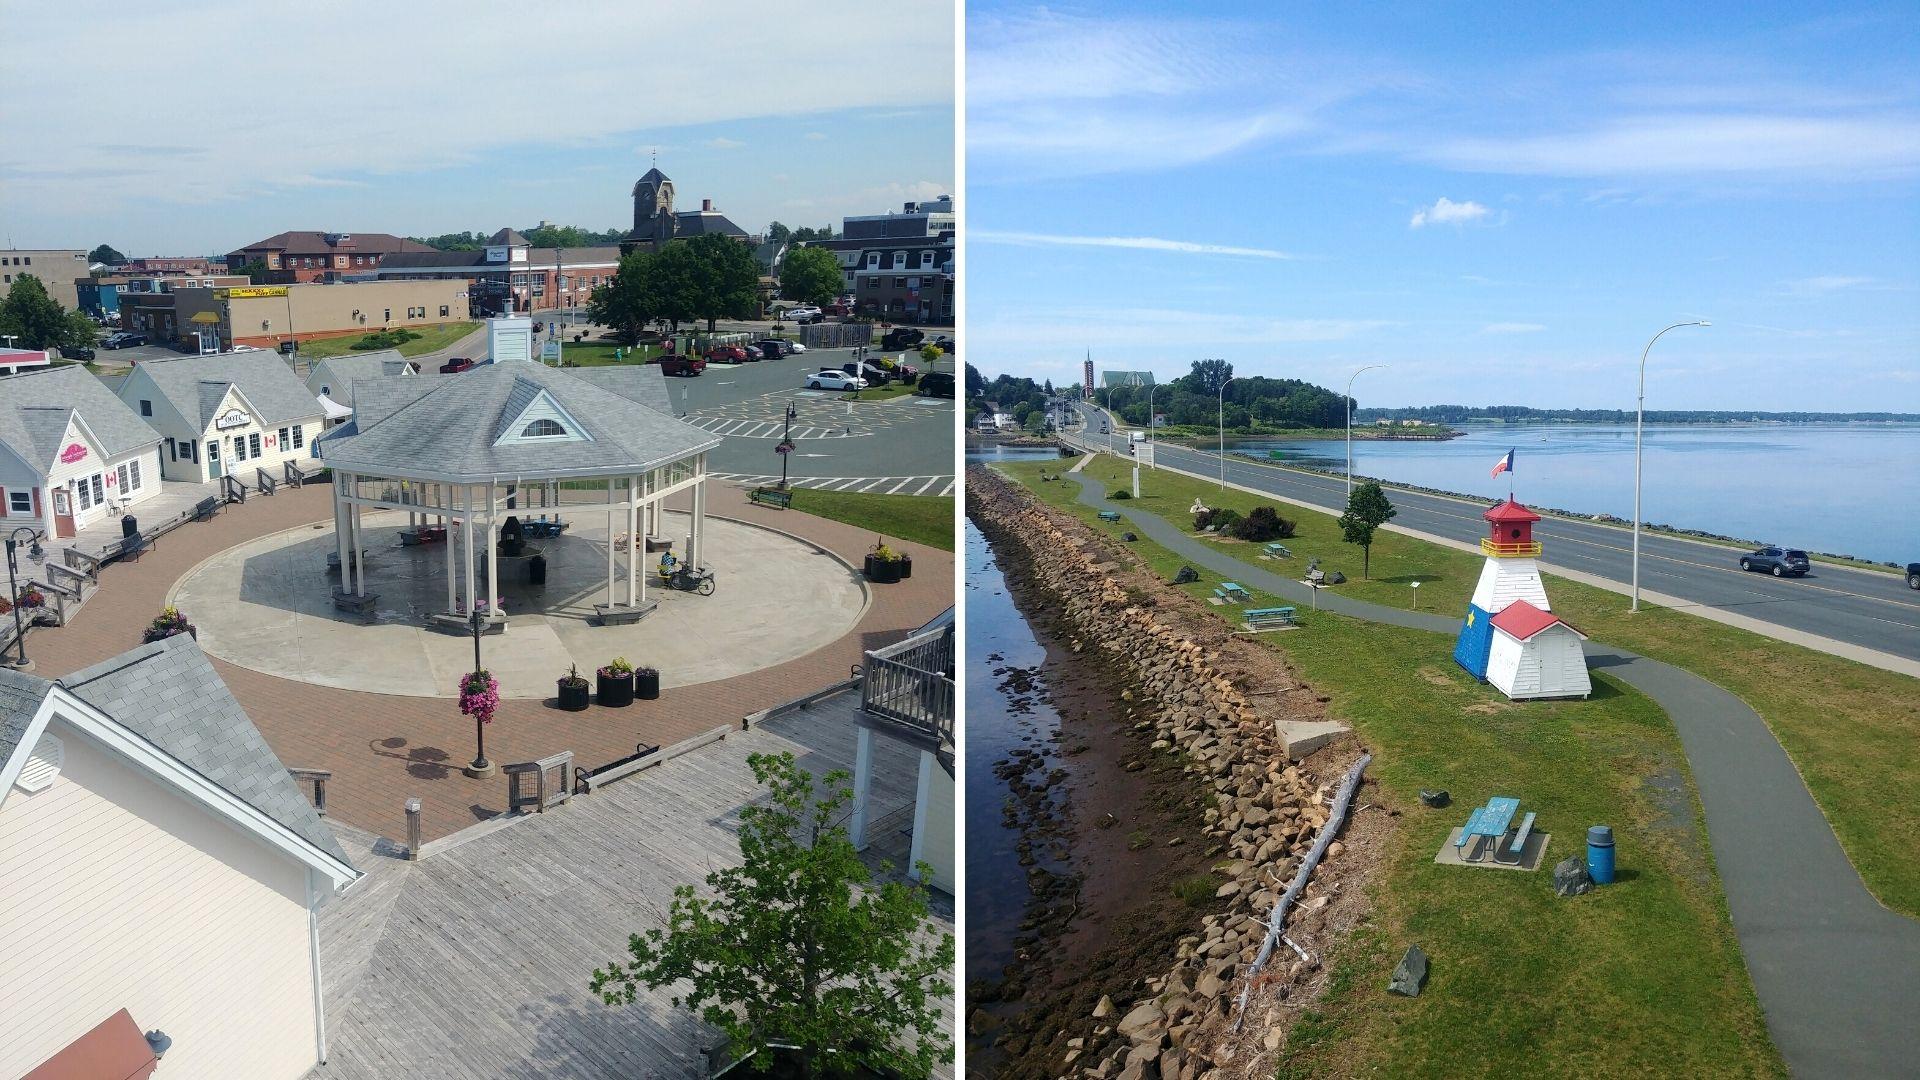 Promenade Waterfront Bathurst - Région Chaleur - Nouveau-Brunswick